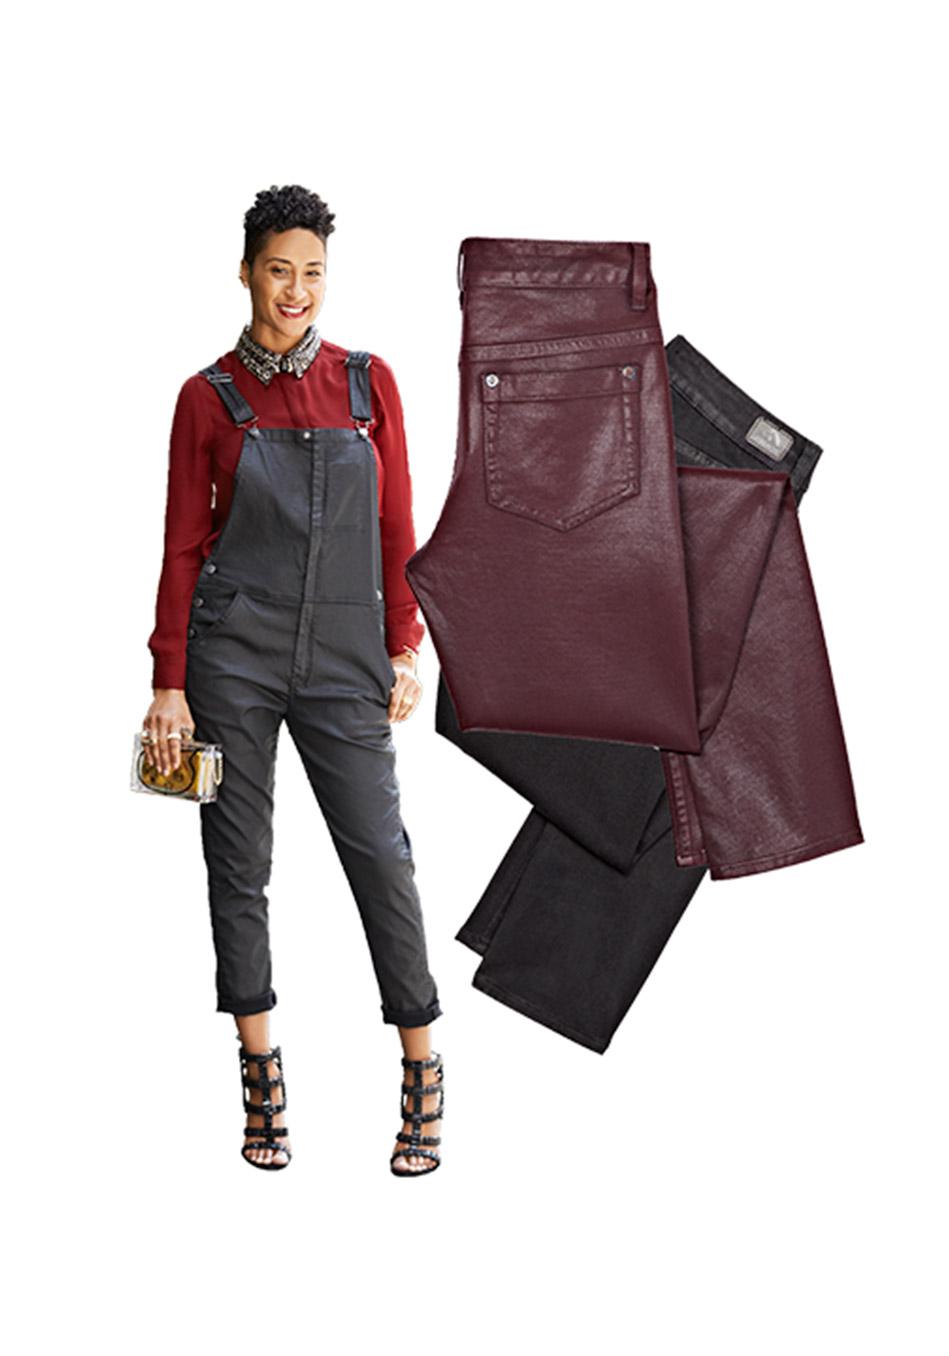 джинсовые вещи, модные тренды осень 2014:  джинса под кожу и темный цвет